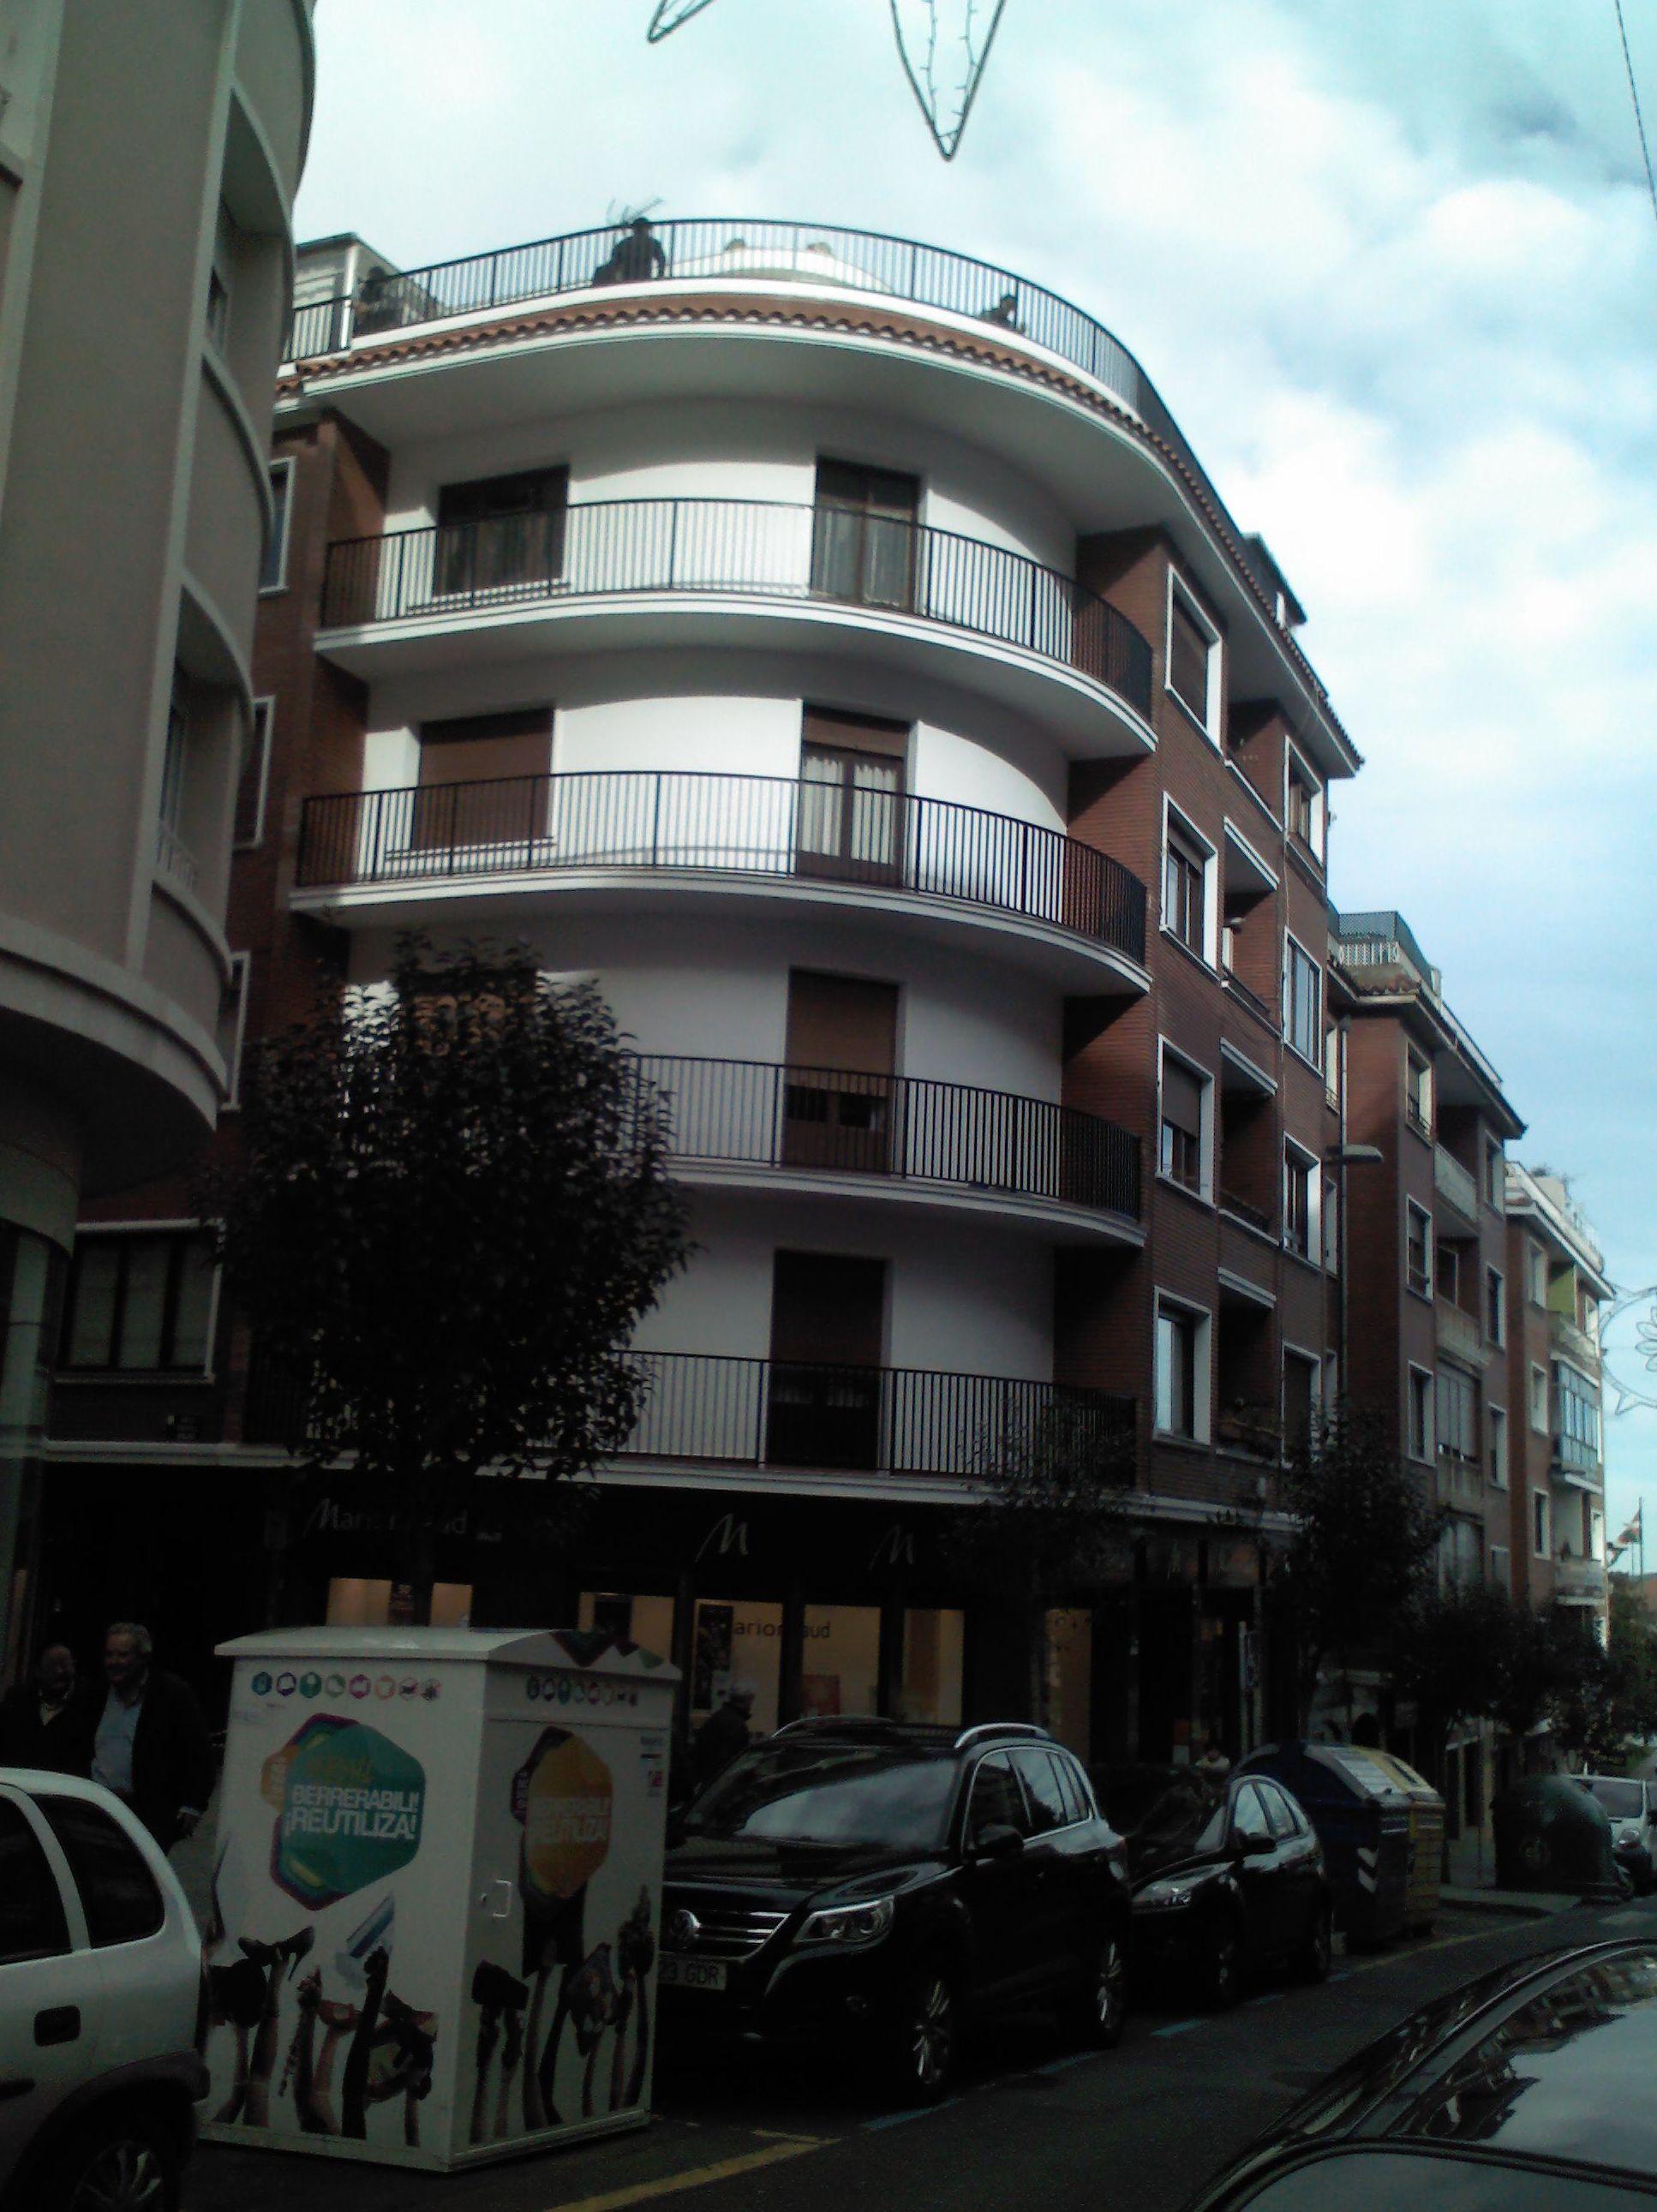 Foto 38 de Empresas de construcción en Getxo | Arkibatz